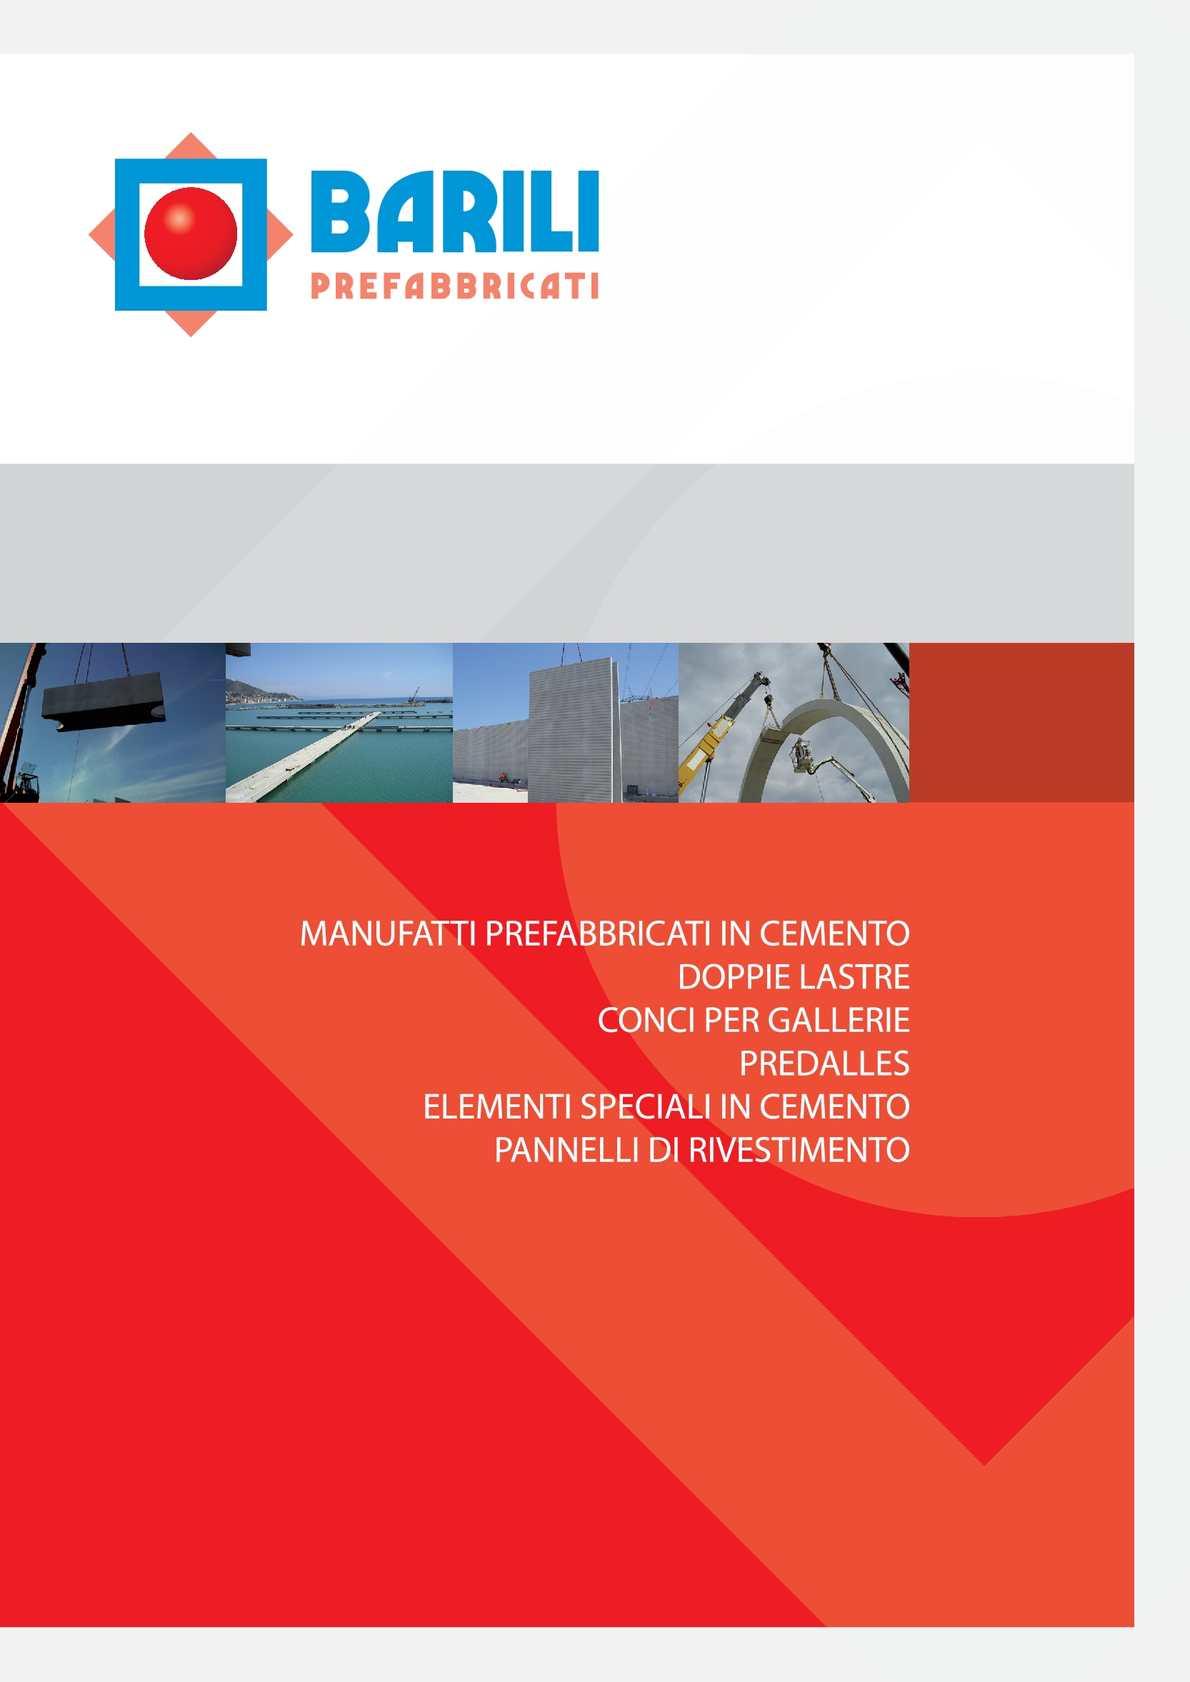 Calaméo - Catalogo prodotti Prefabbricati Barili